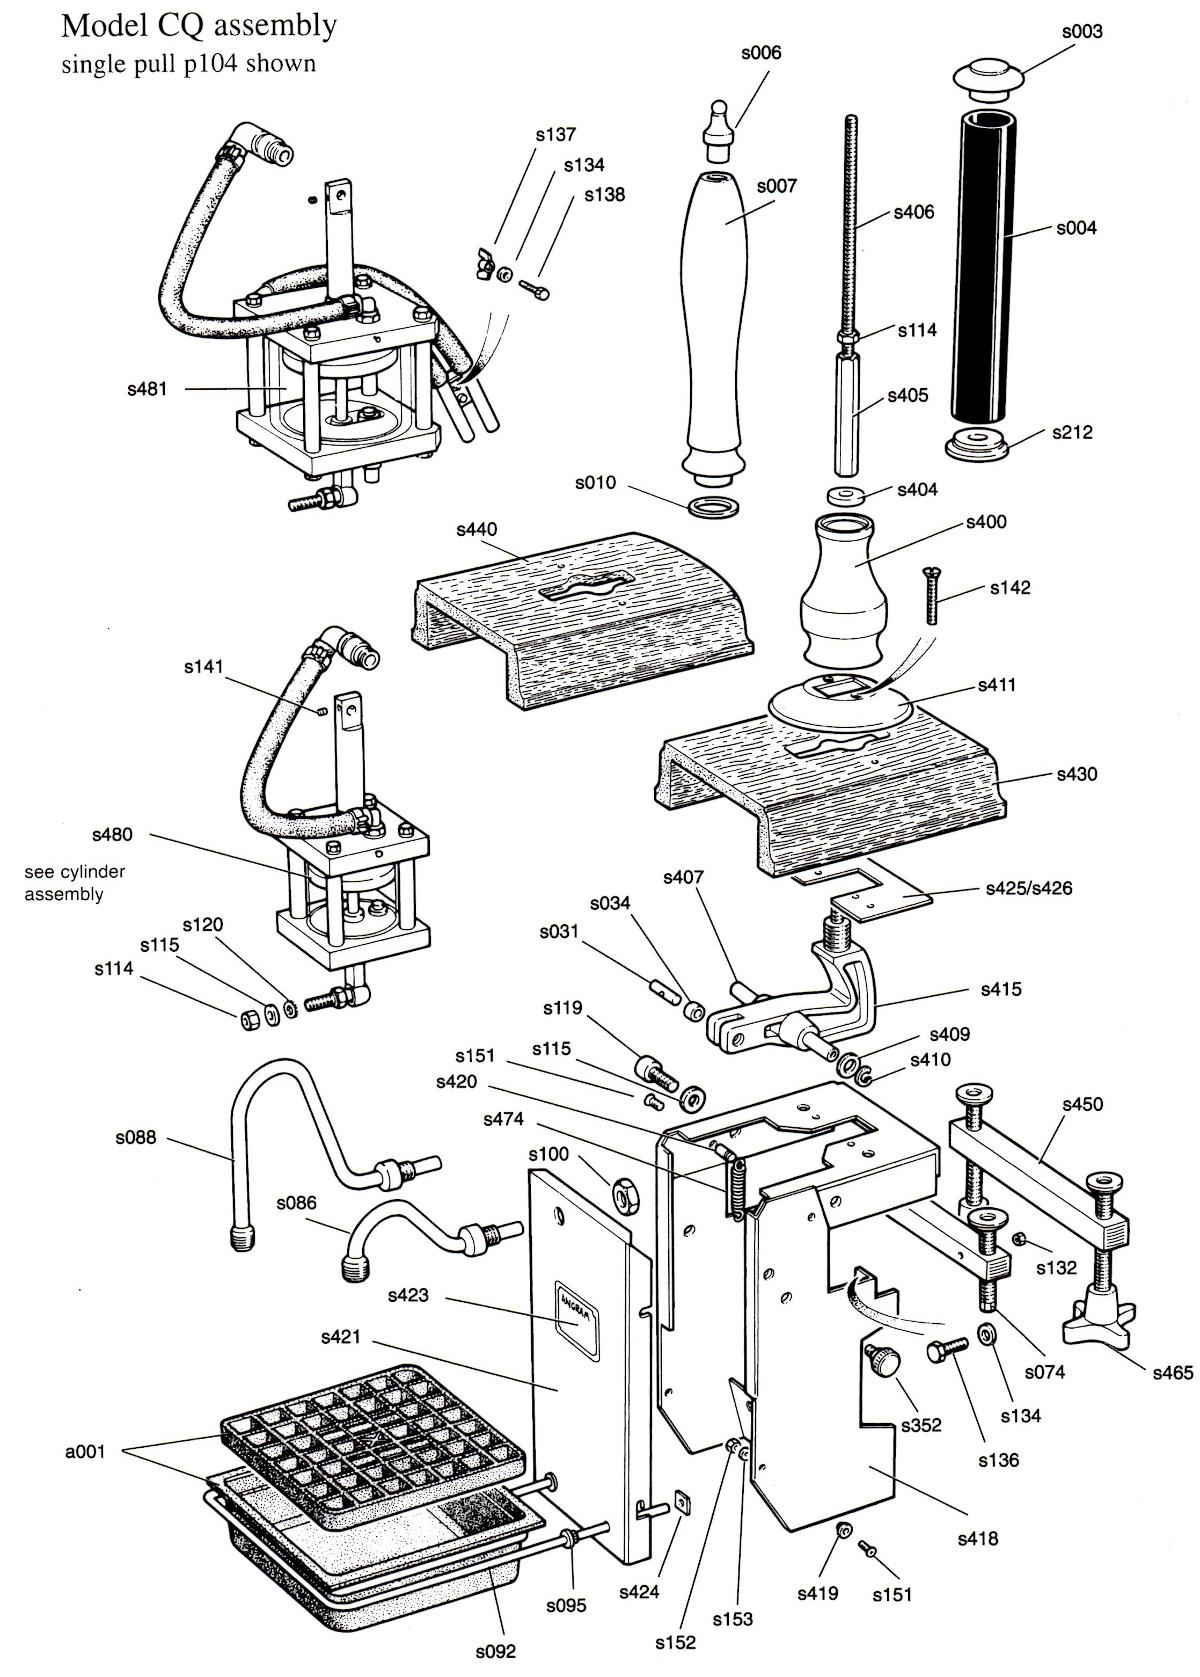 Cq Model Handpumps